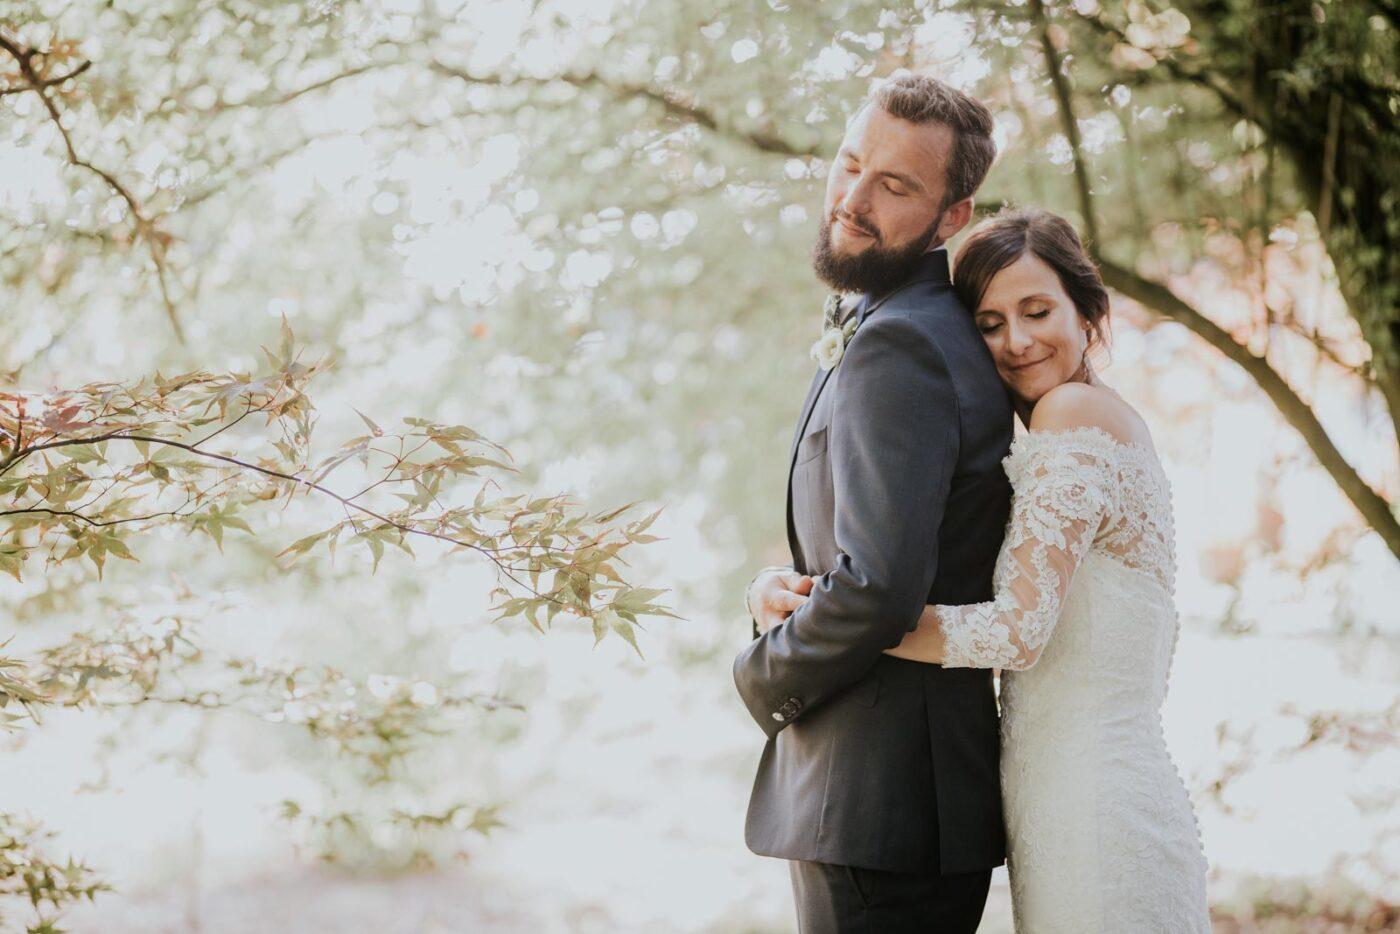 Serré contre le marié - Photo de couple dans la nature du Château de Couturelle.